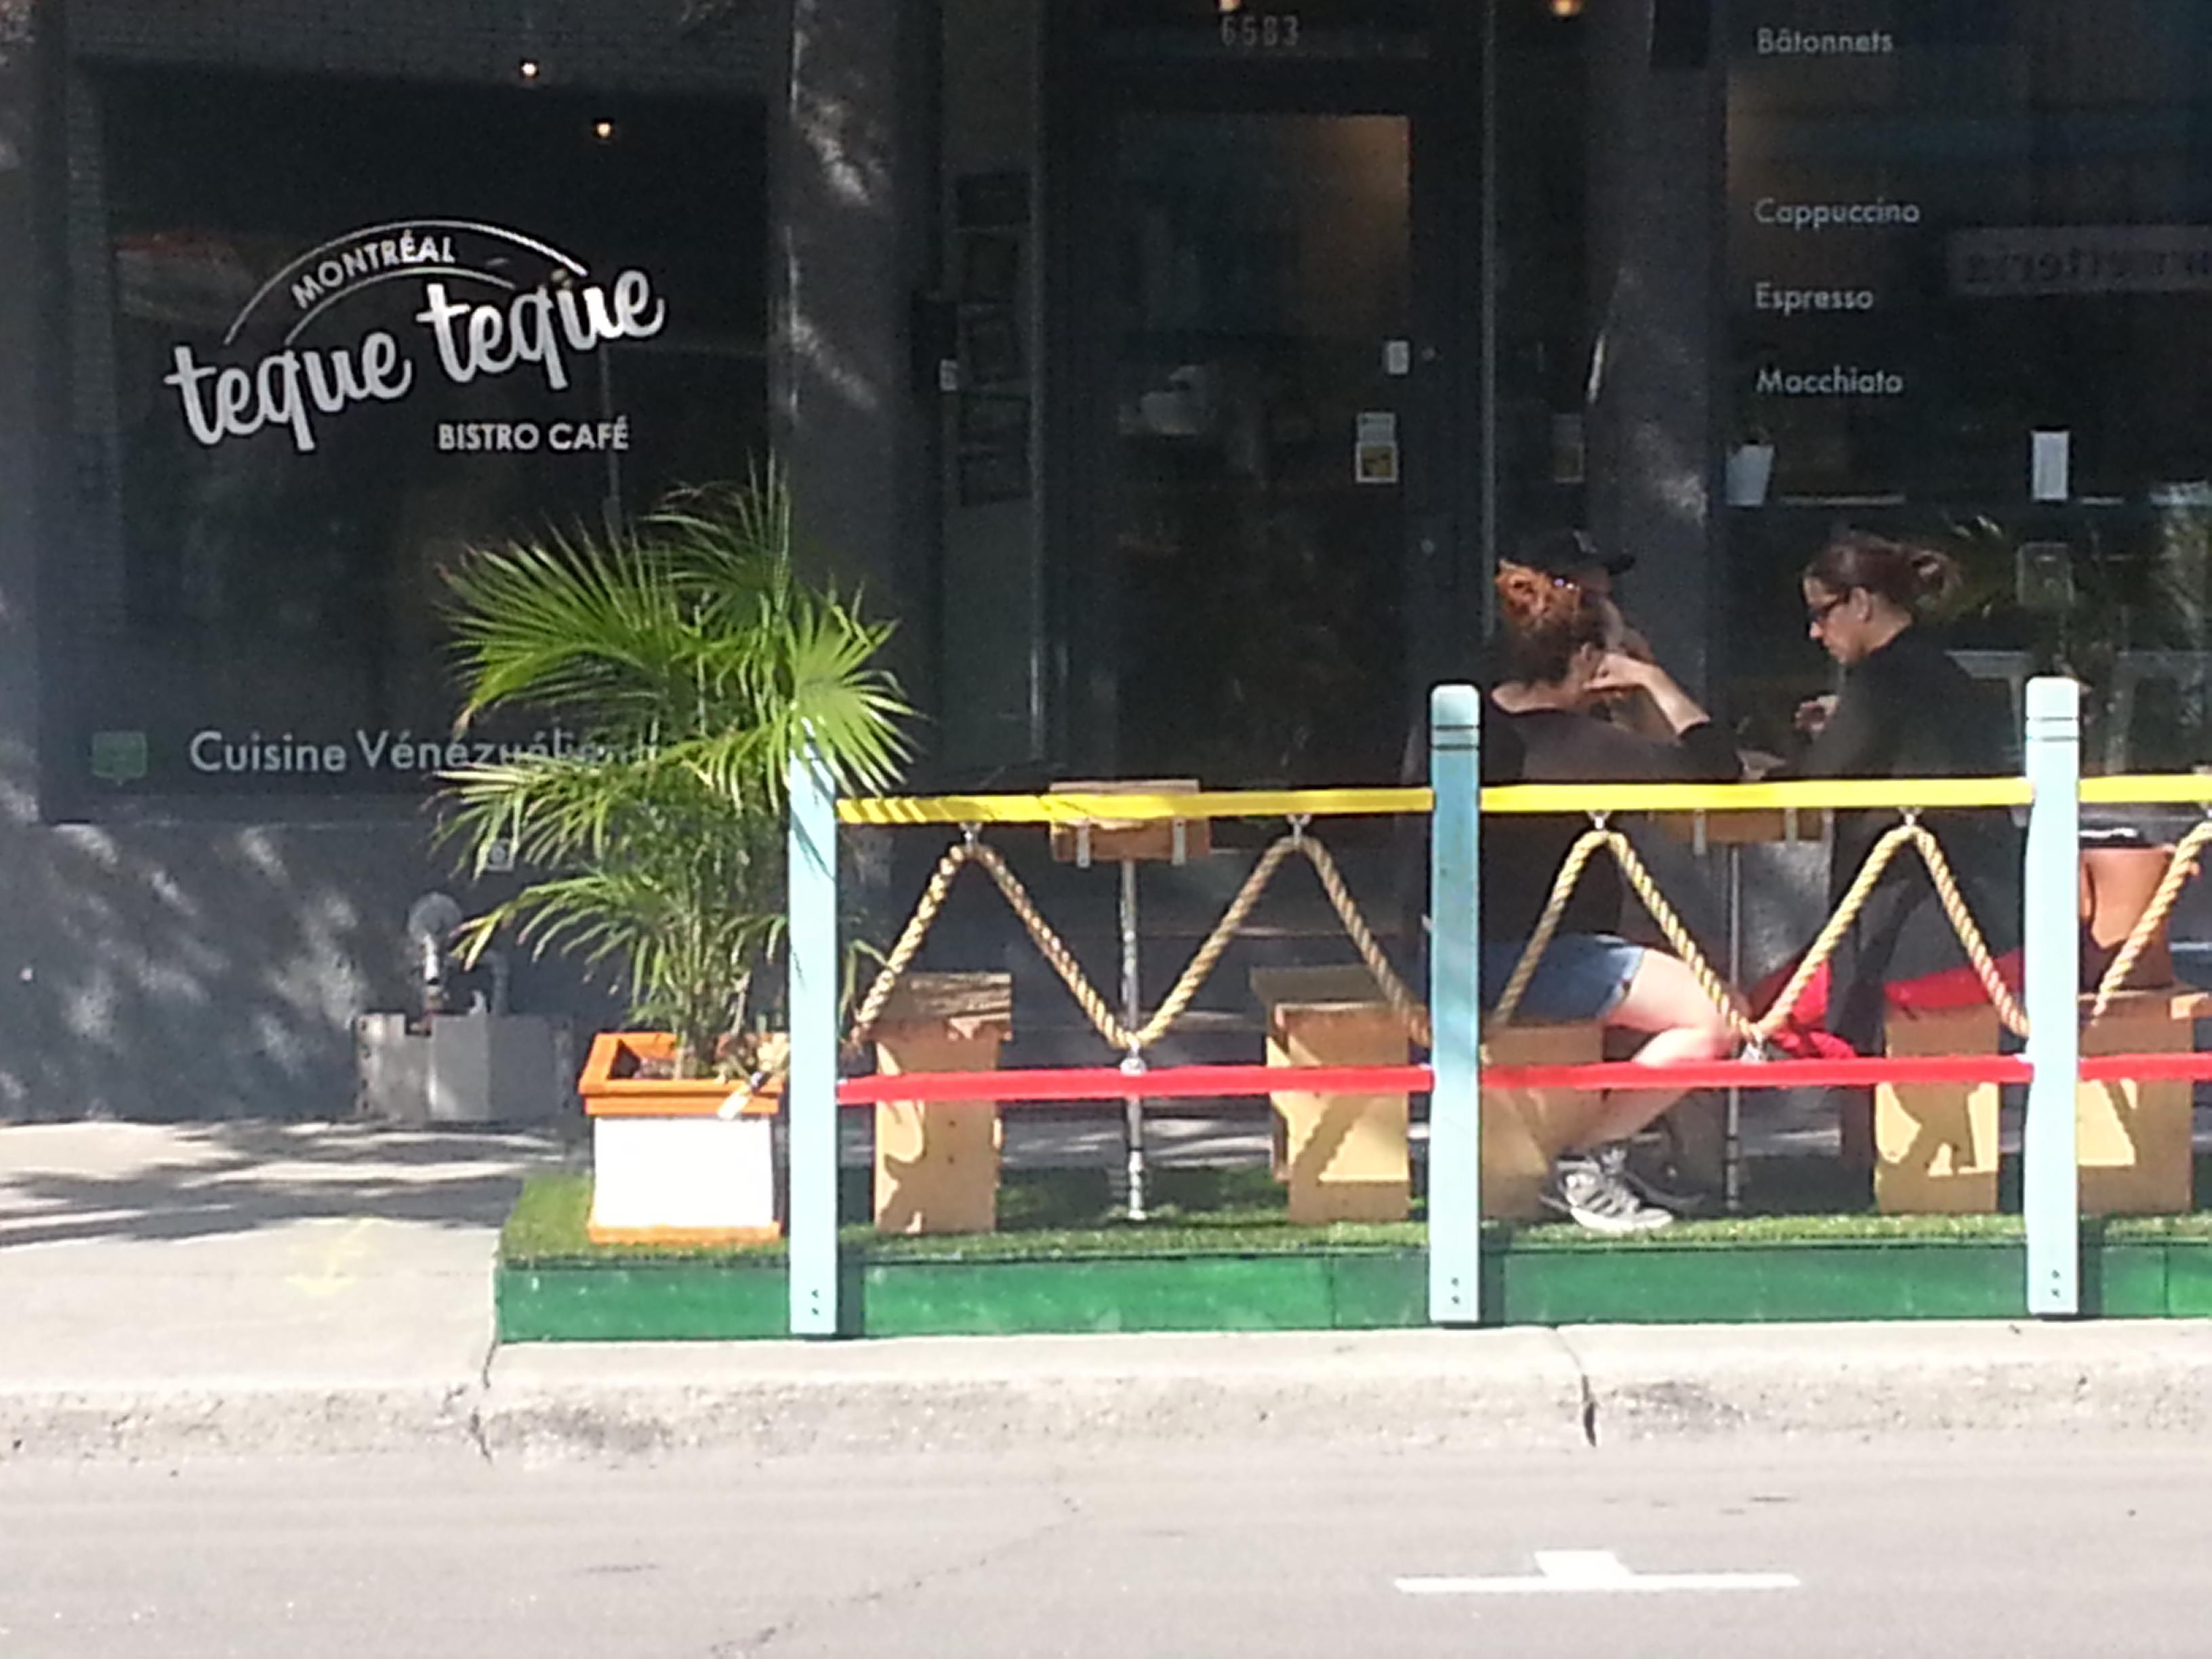 Bistro Café Teque Teque